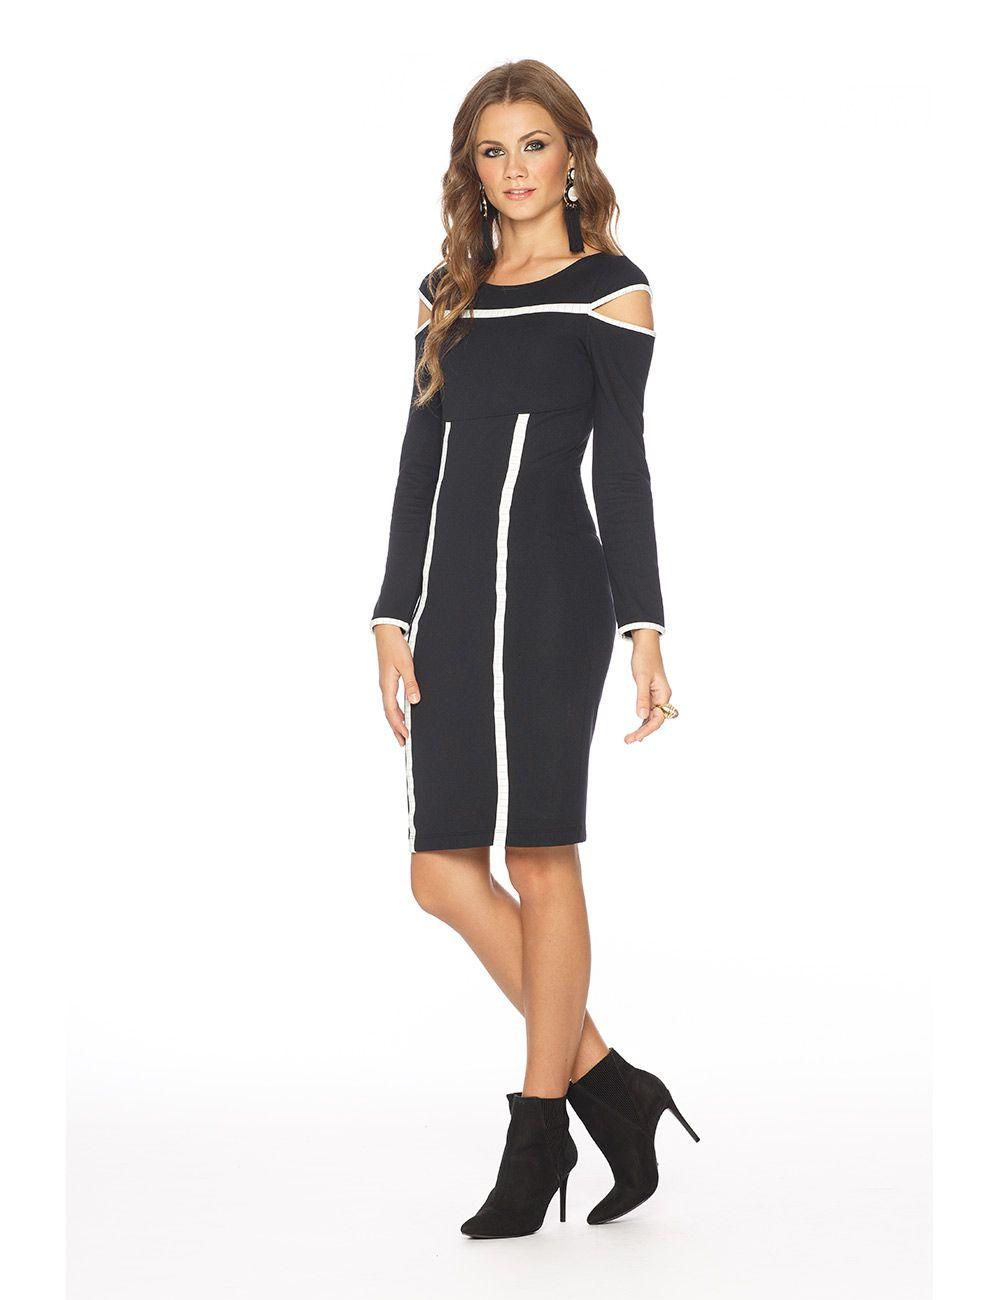 vestido ponto roma tecno stretch com elastano e risca de giz poliamida com elastano Gatos e Atos